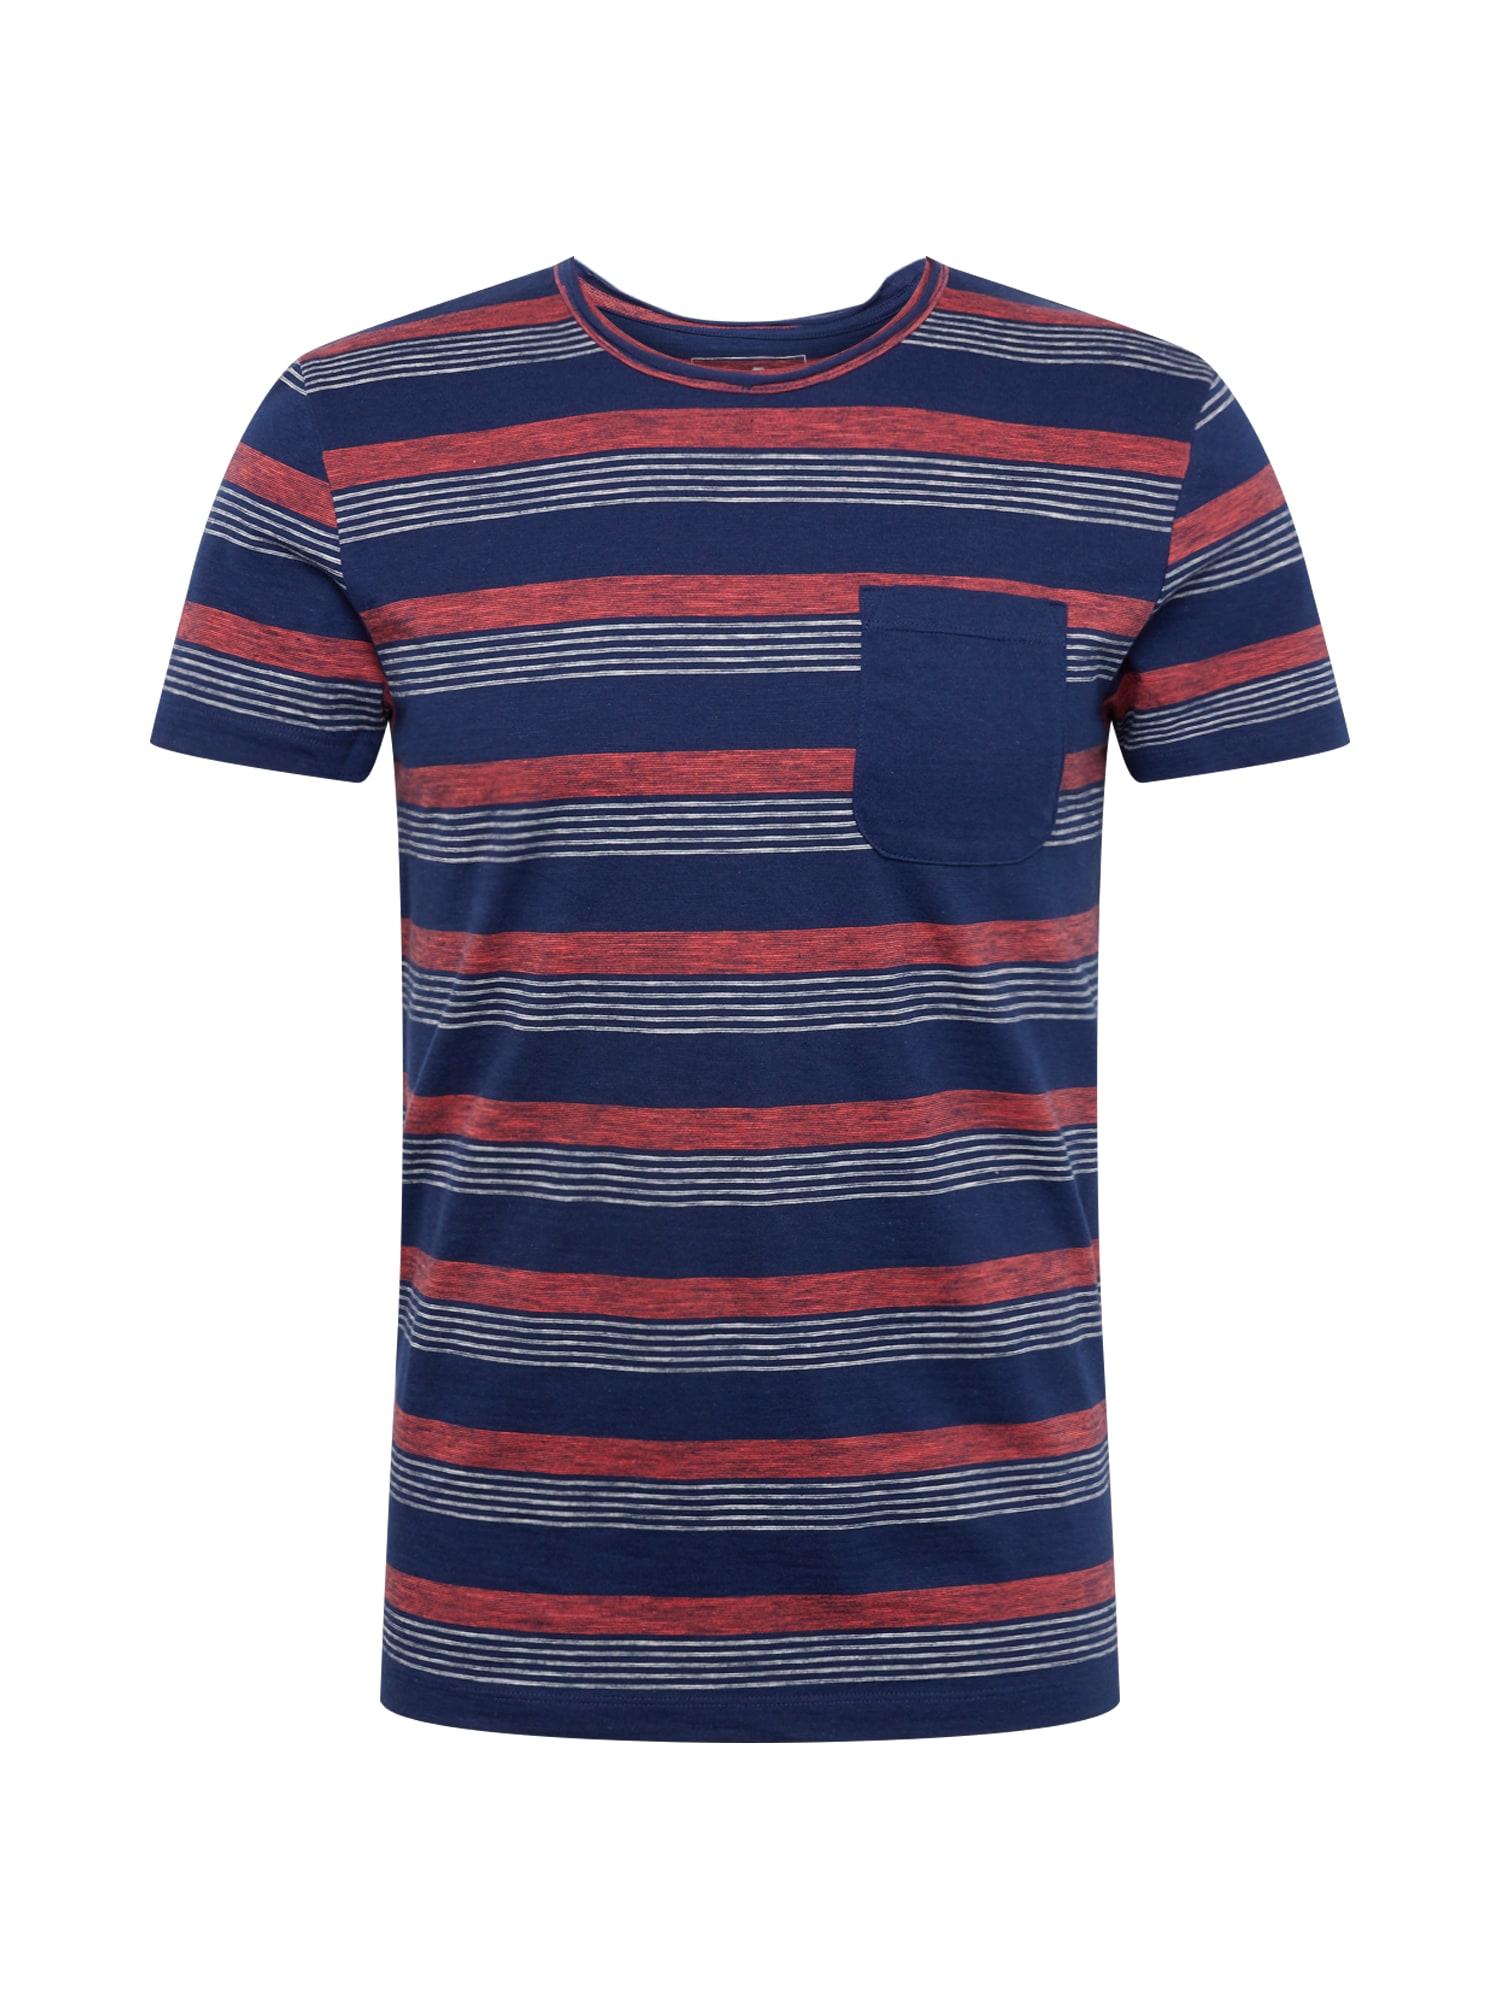 Tričko námořnická modř světle červená TOM TAILOR DENIM